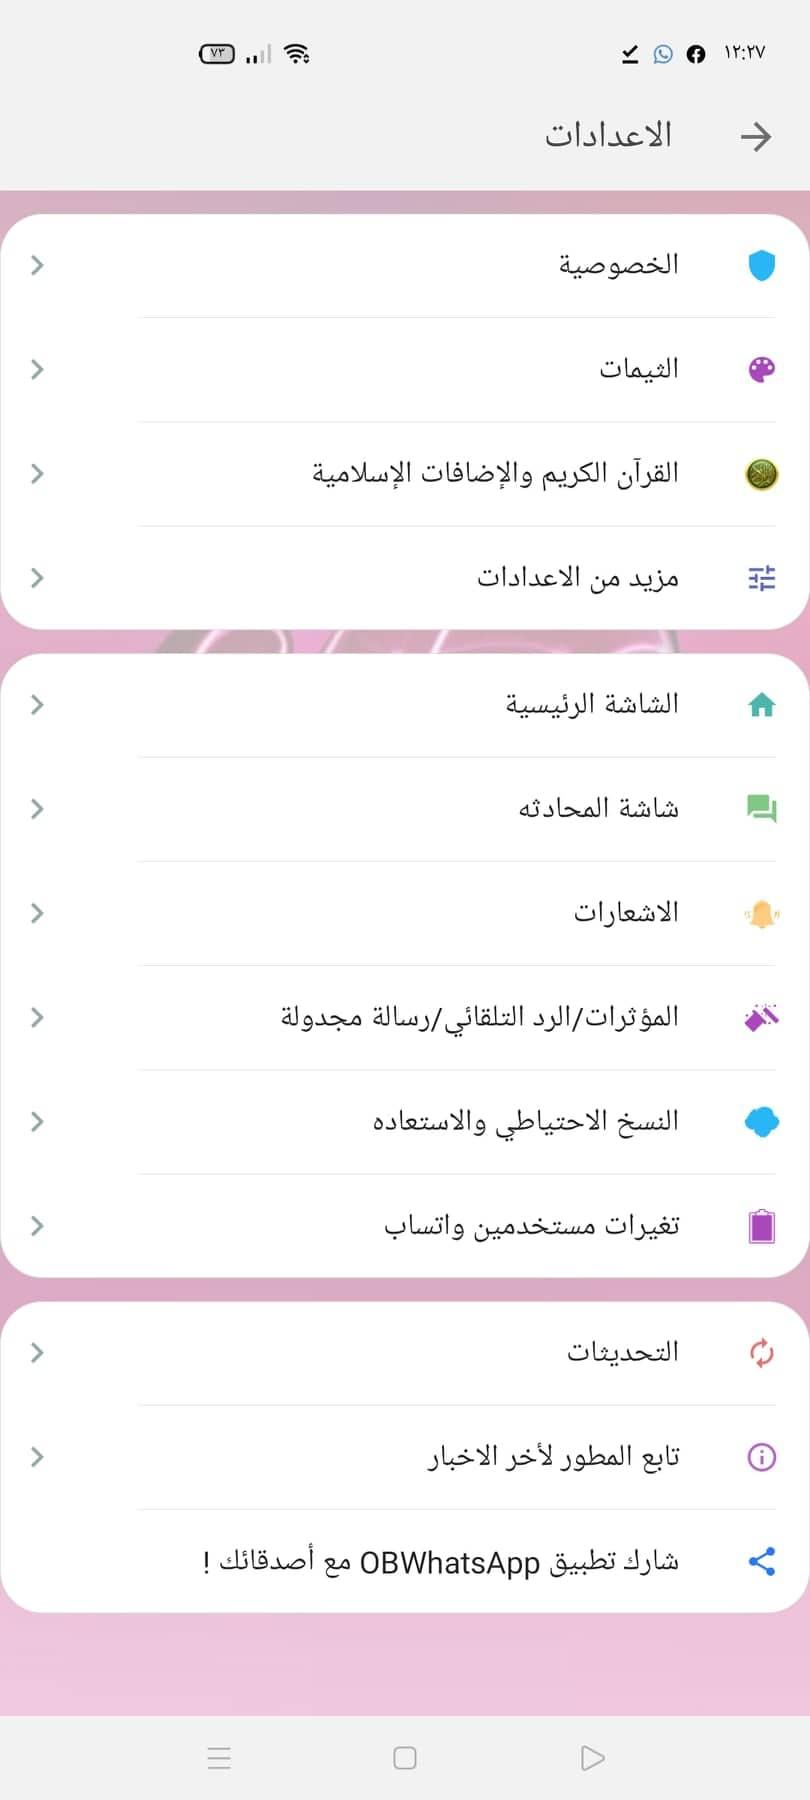 واتساب عمر العنابي 3 واتساب عمر الوردي Obwhatsapp جميع النسخ اخر اصدار 2020 مجانًا للاندرويد